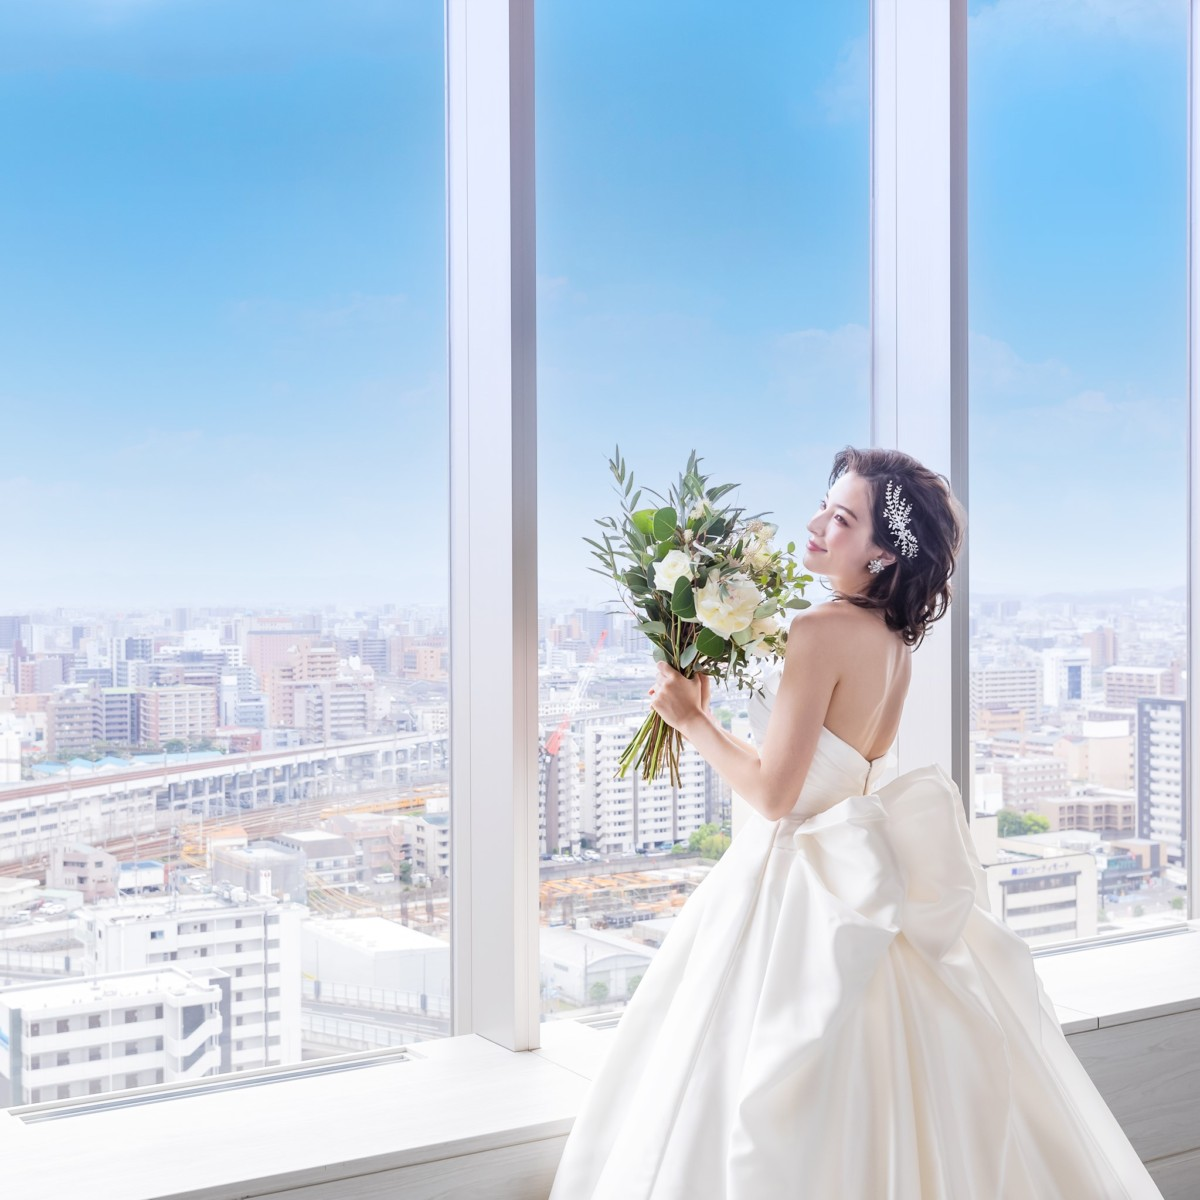 【10/30 2組限定】憧れのドレス試着×本番会場見学×贅沢試食付フェア